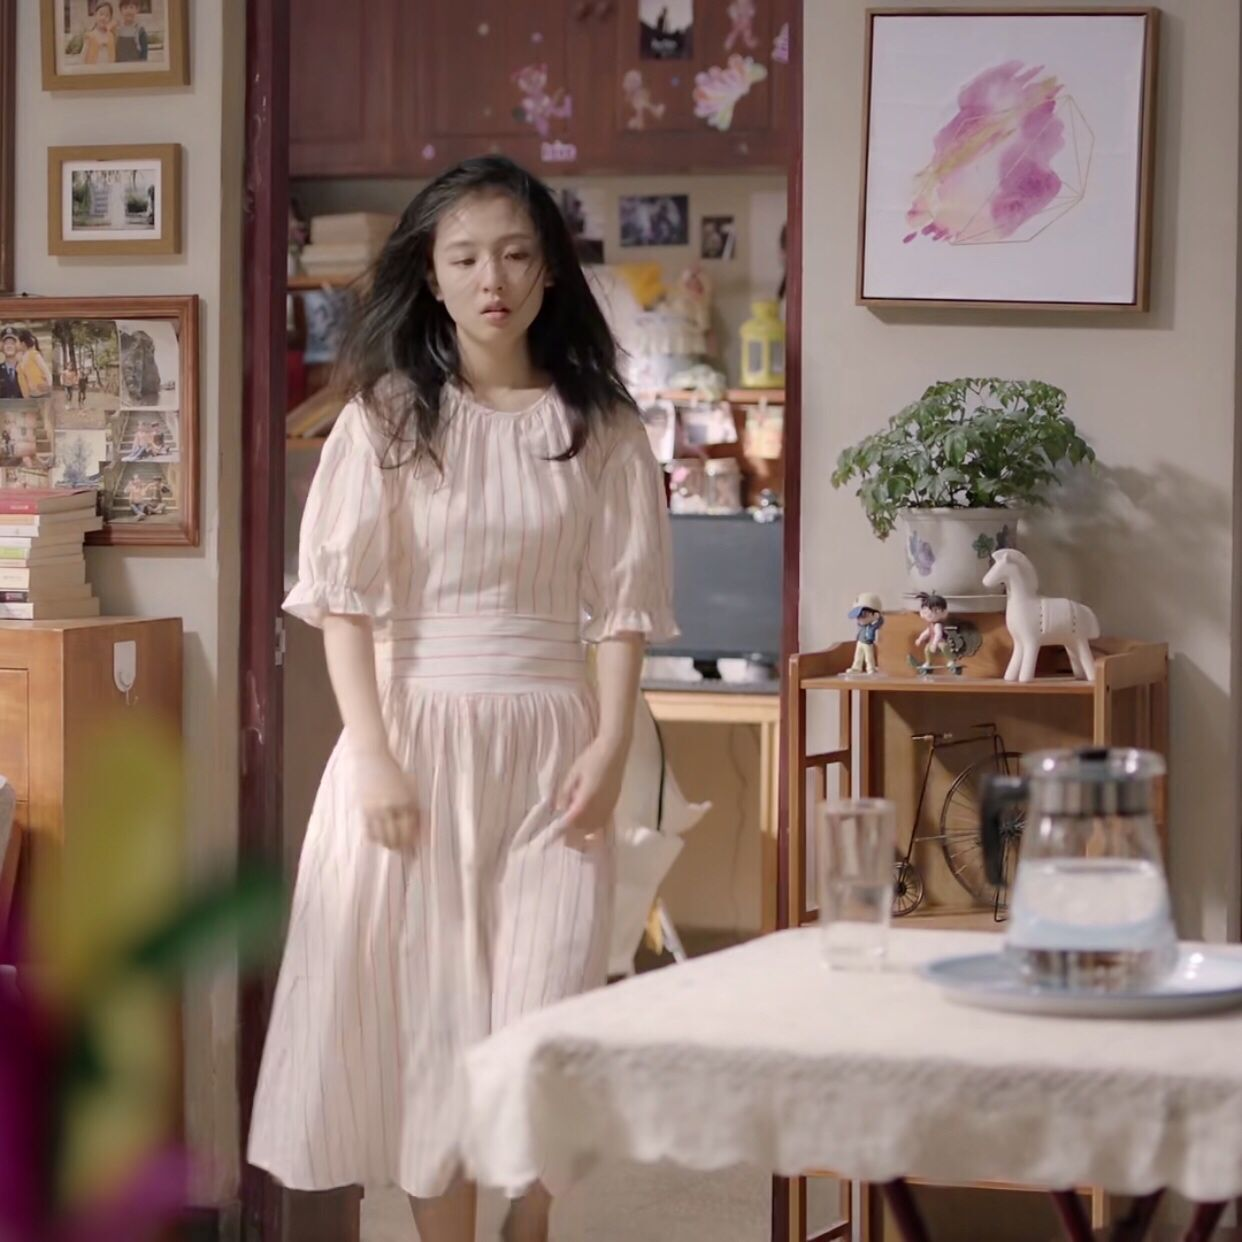 我只喜欢你吴倩赵乔一明星同款连衣裙红白条纹文艺宽松显瘦连衣裙